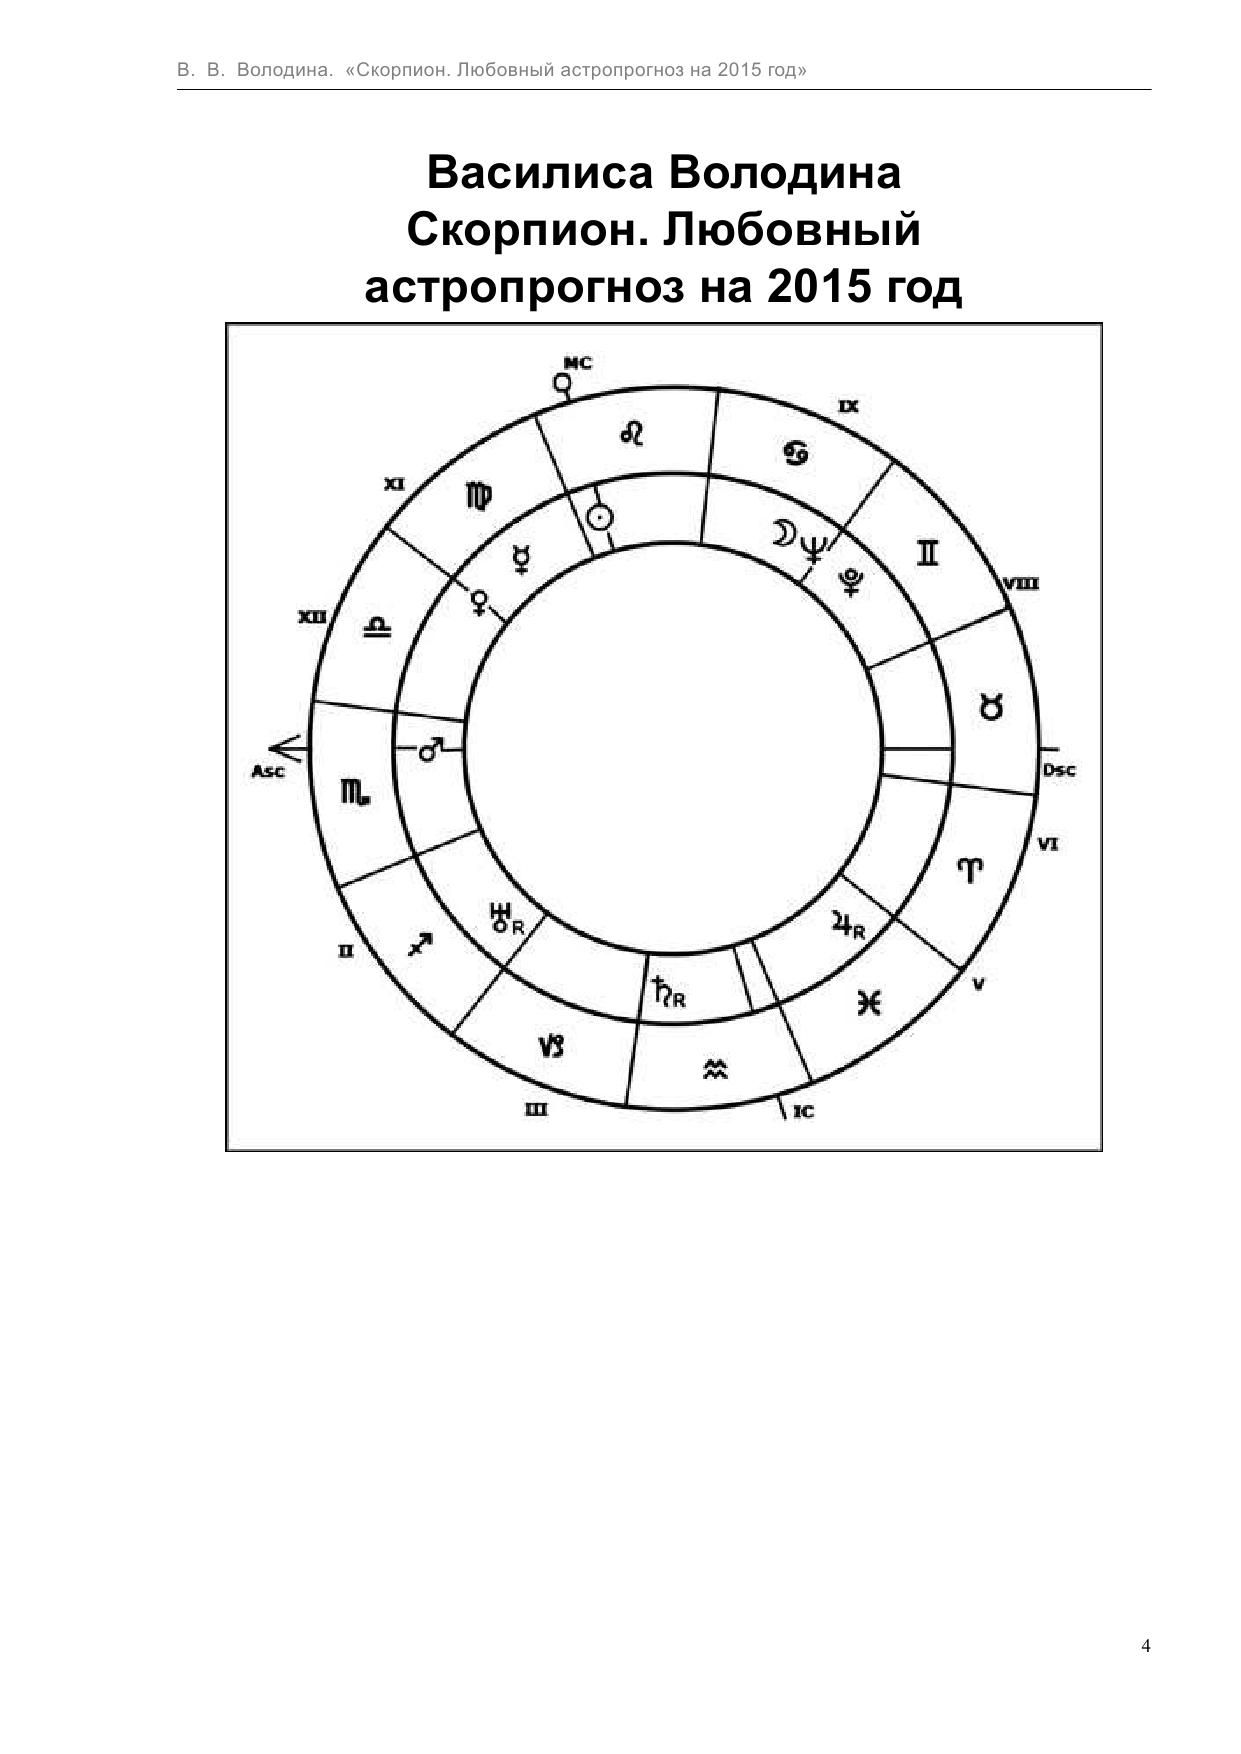 Любовный гороскоп на год от василисы володиной для весов, скорпионов и стрельцов весы харизма данного знака зодиака не будет покидать на протяжении двенадцати месяцев.